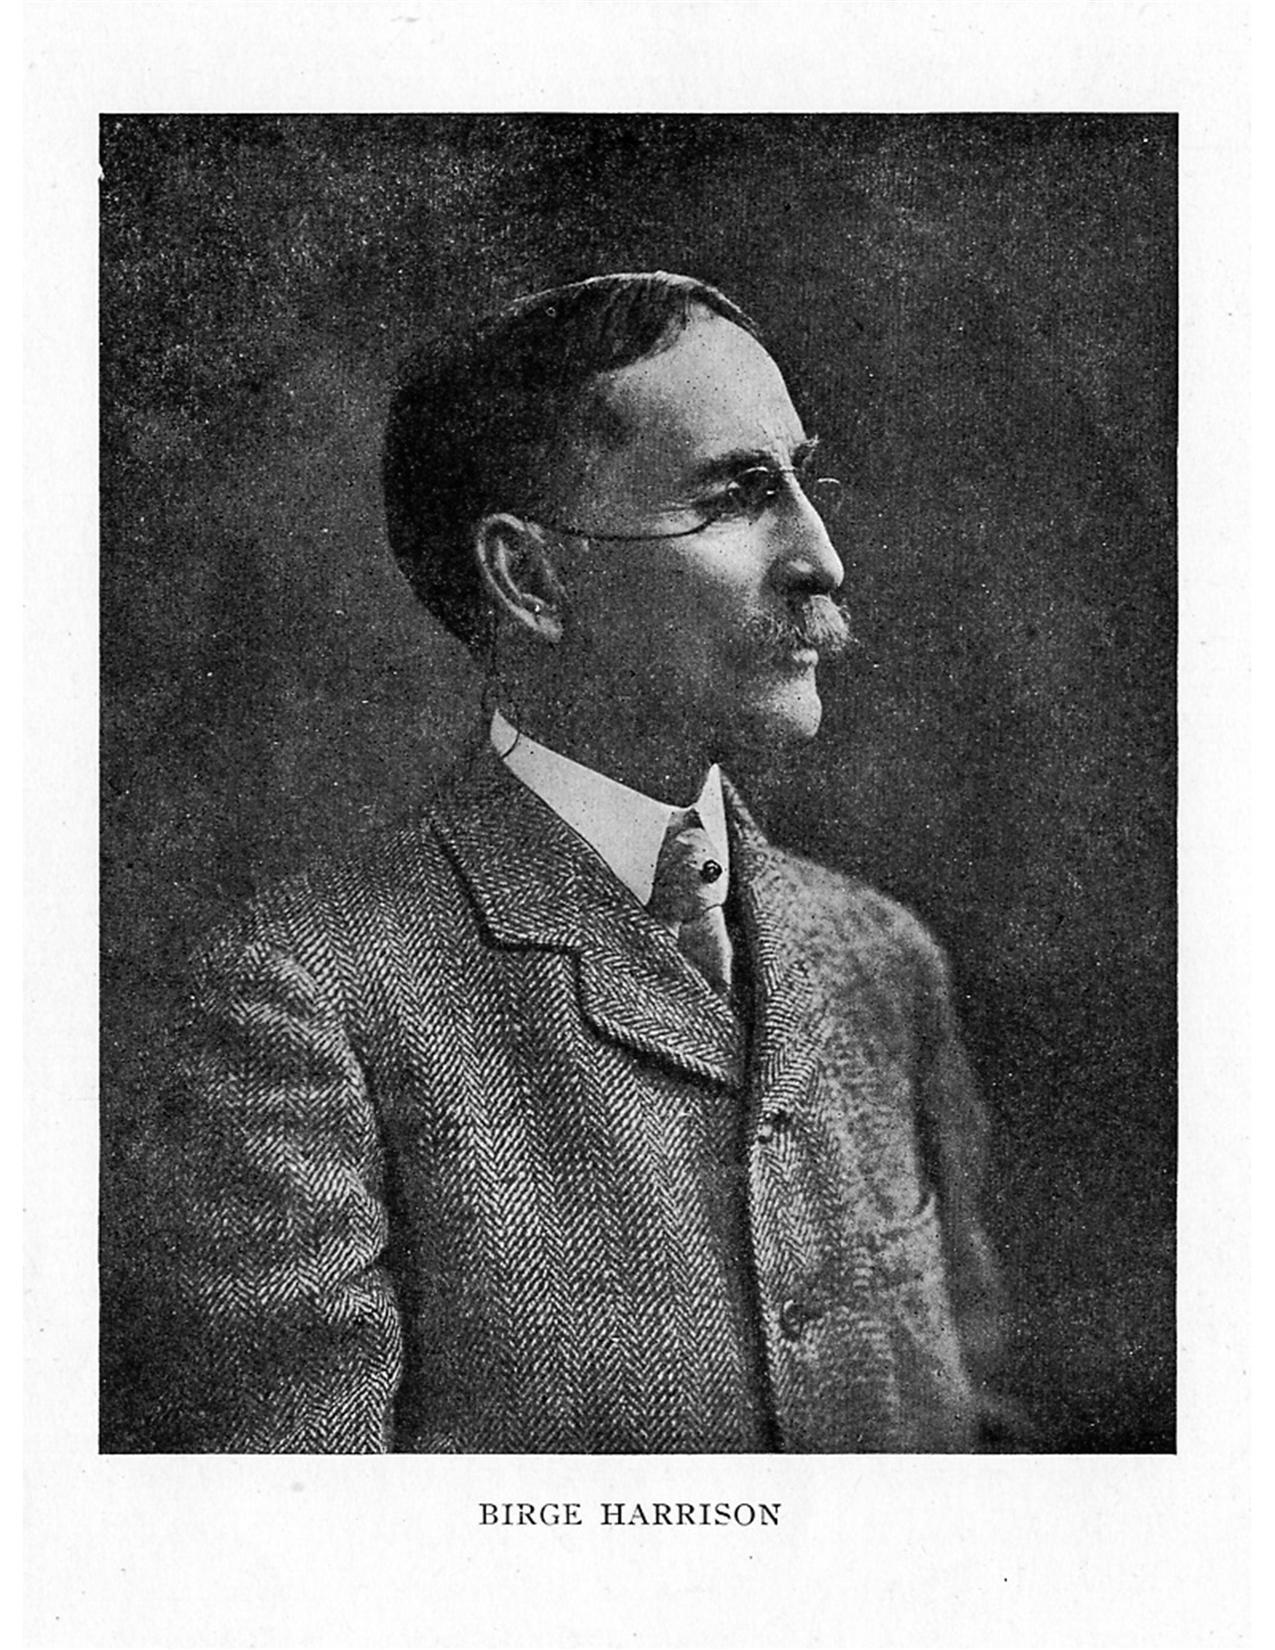 Birge_Harrison_1914.jpg